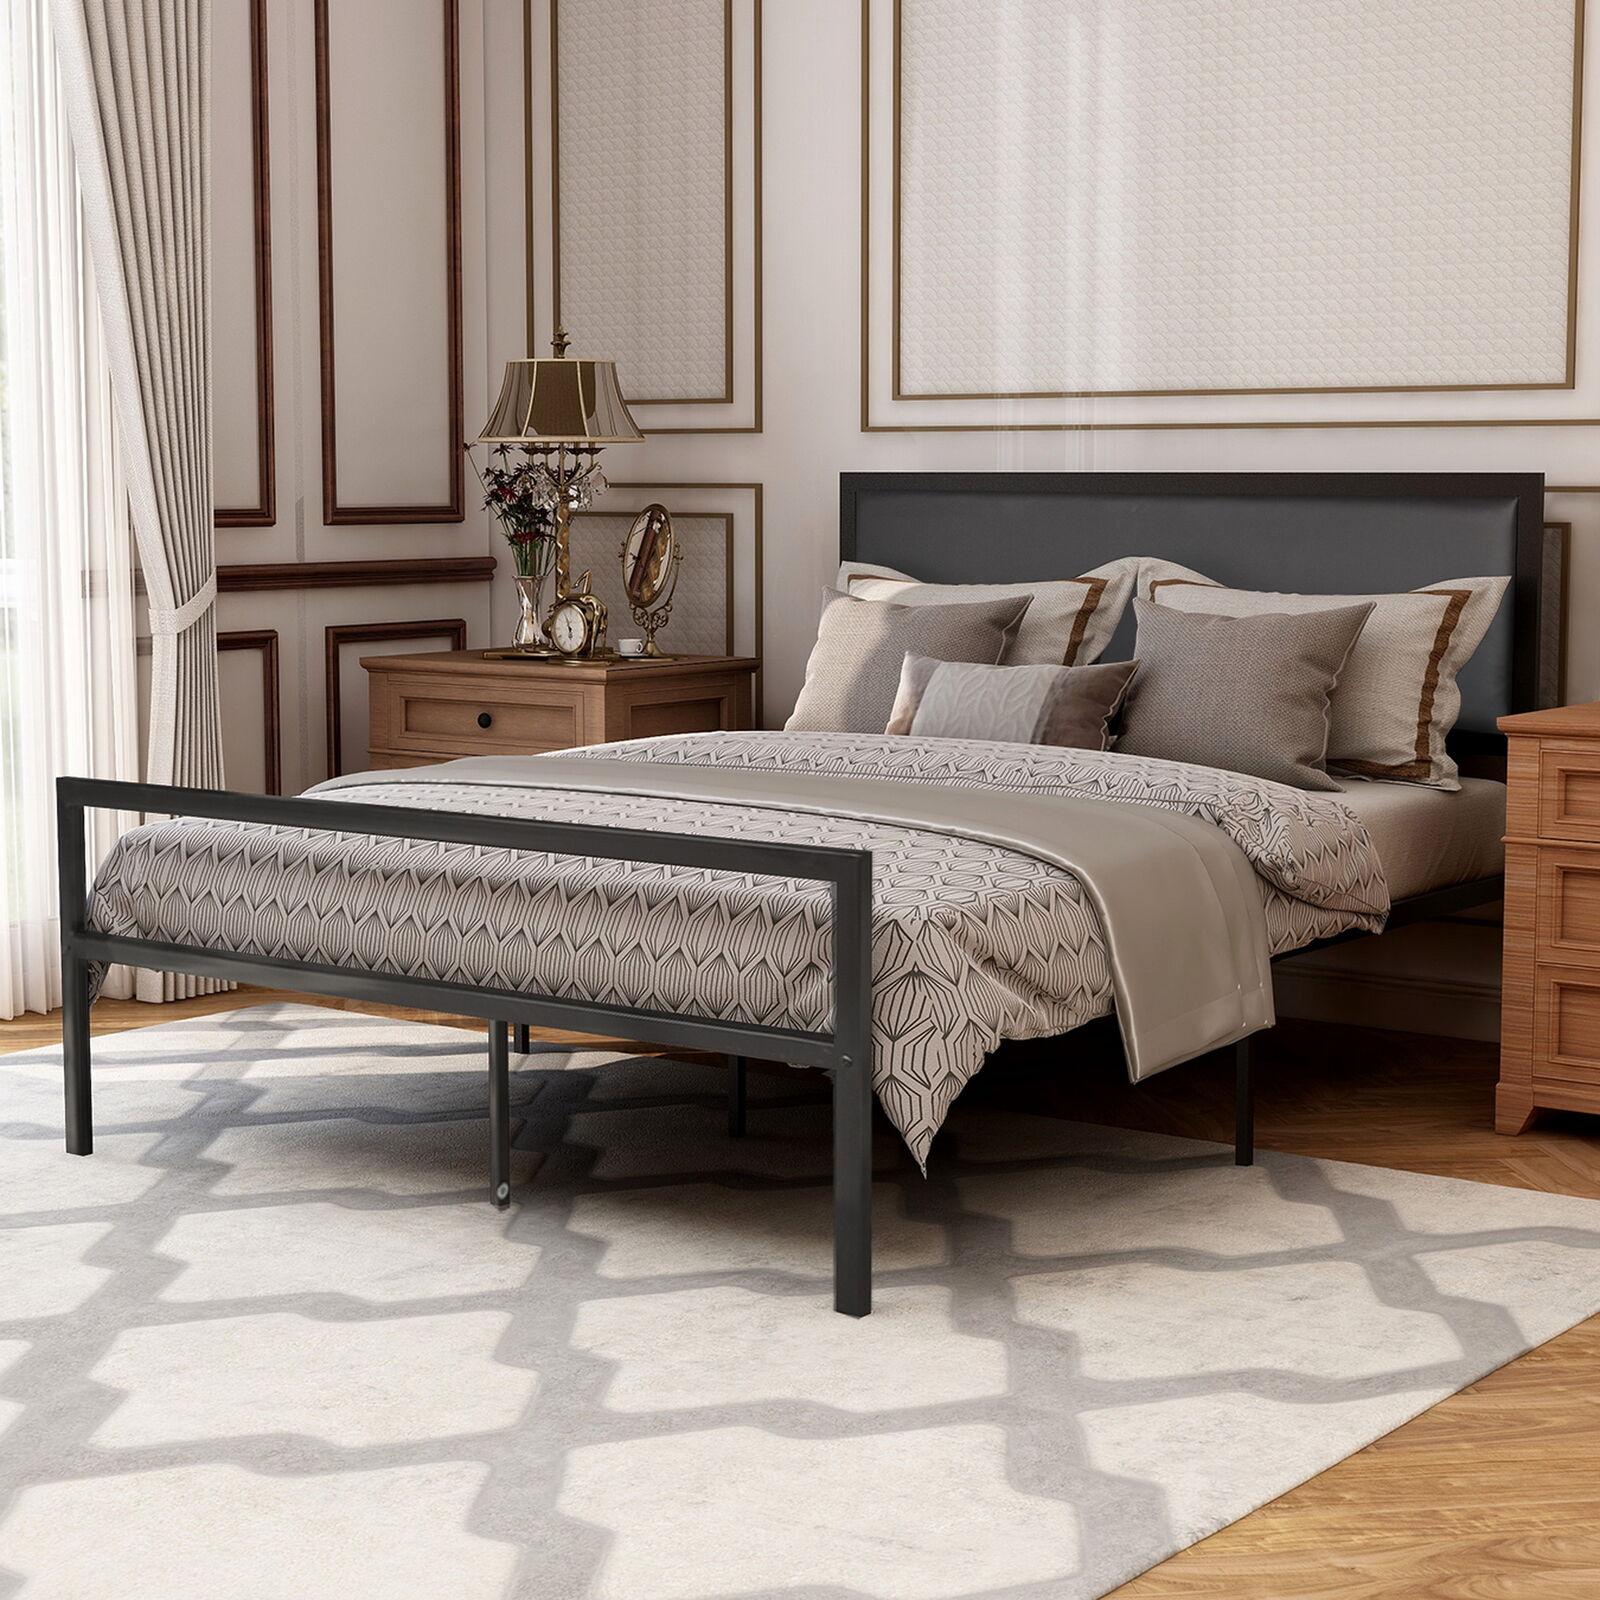 Modern Full Black Size Metal Bed Frame Platform Headboards With 6 Legs For Sale Online Ebay